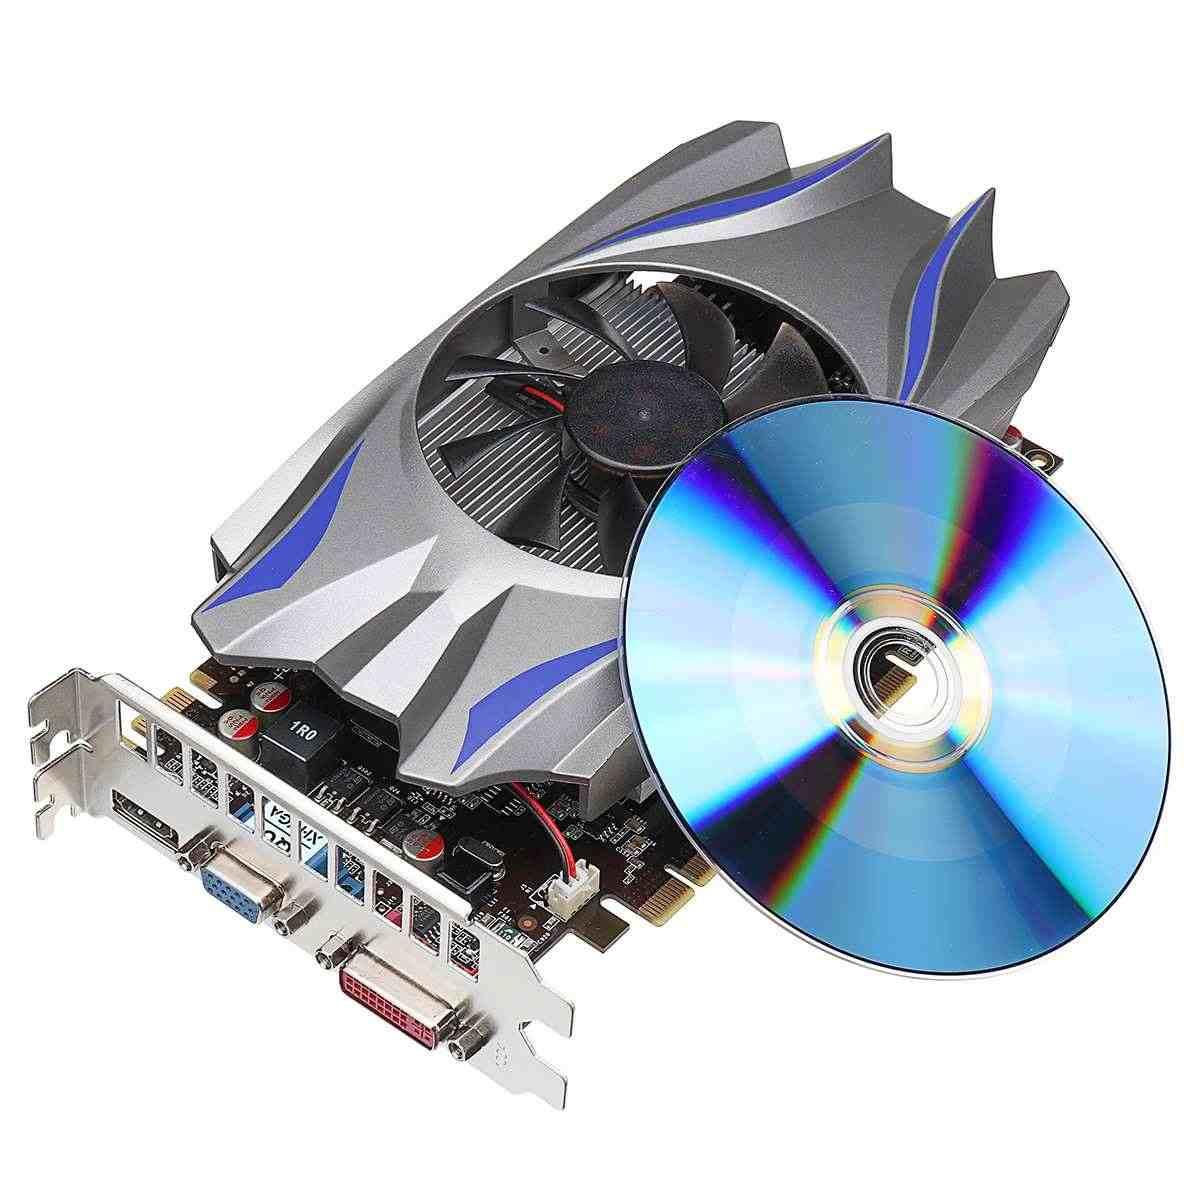 23x12x4 cm Đồ Tùy Chỉnh GTX GTX760 4GB DDR5 128Bit Thẻ Hình Cho DVI HDMI card VGA GeForce HDMI DVI Trò Chơi Sử Dụng